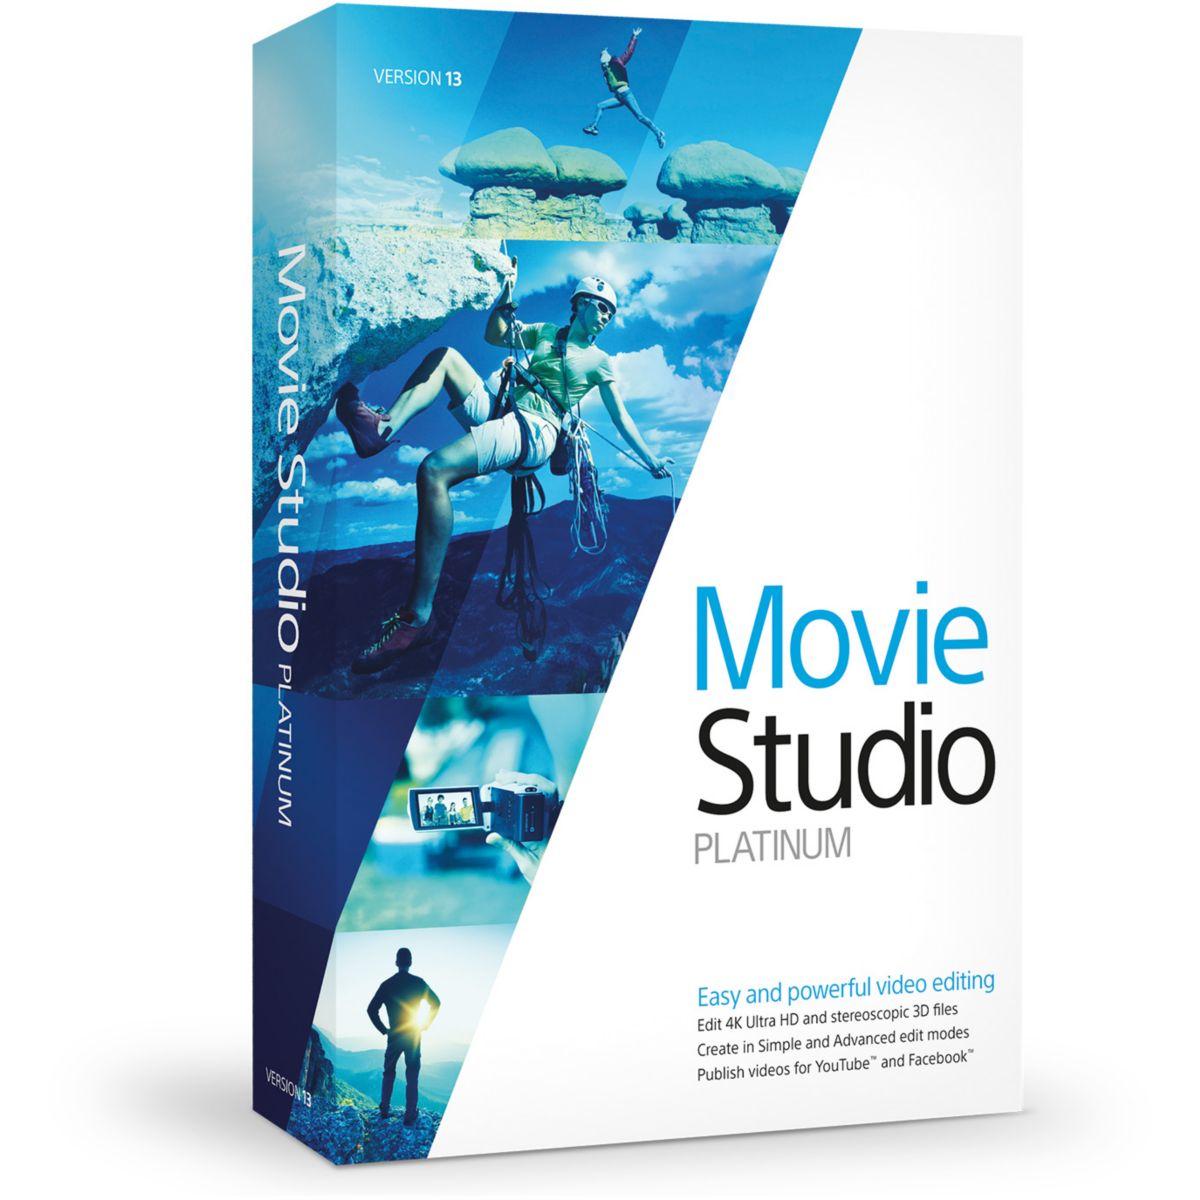 Logiciel PC VEGAS Movie Studio 13 Platinum